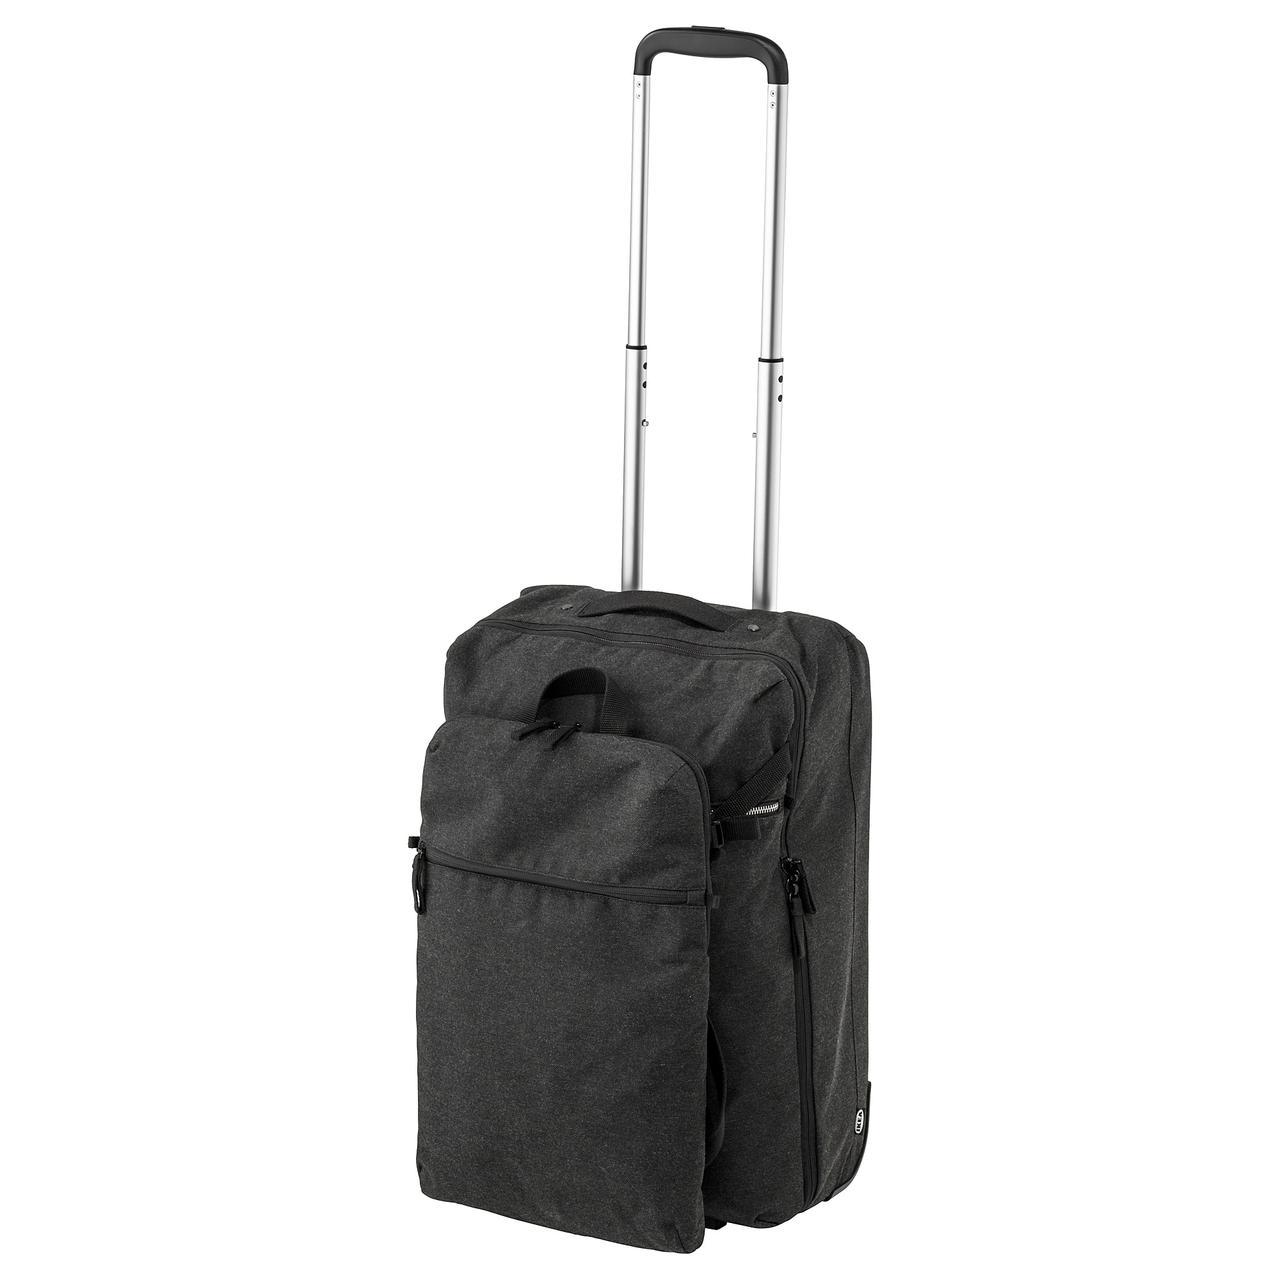 ФОРЕНКЛА Сумка на колесиках и рюкзак, темно-серый